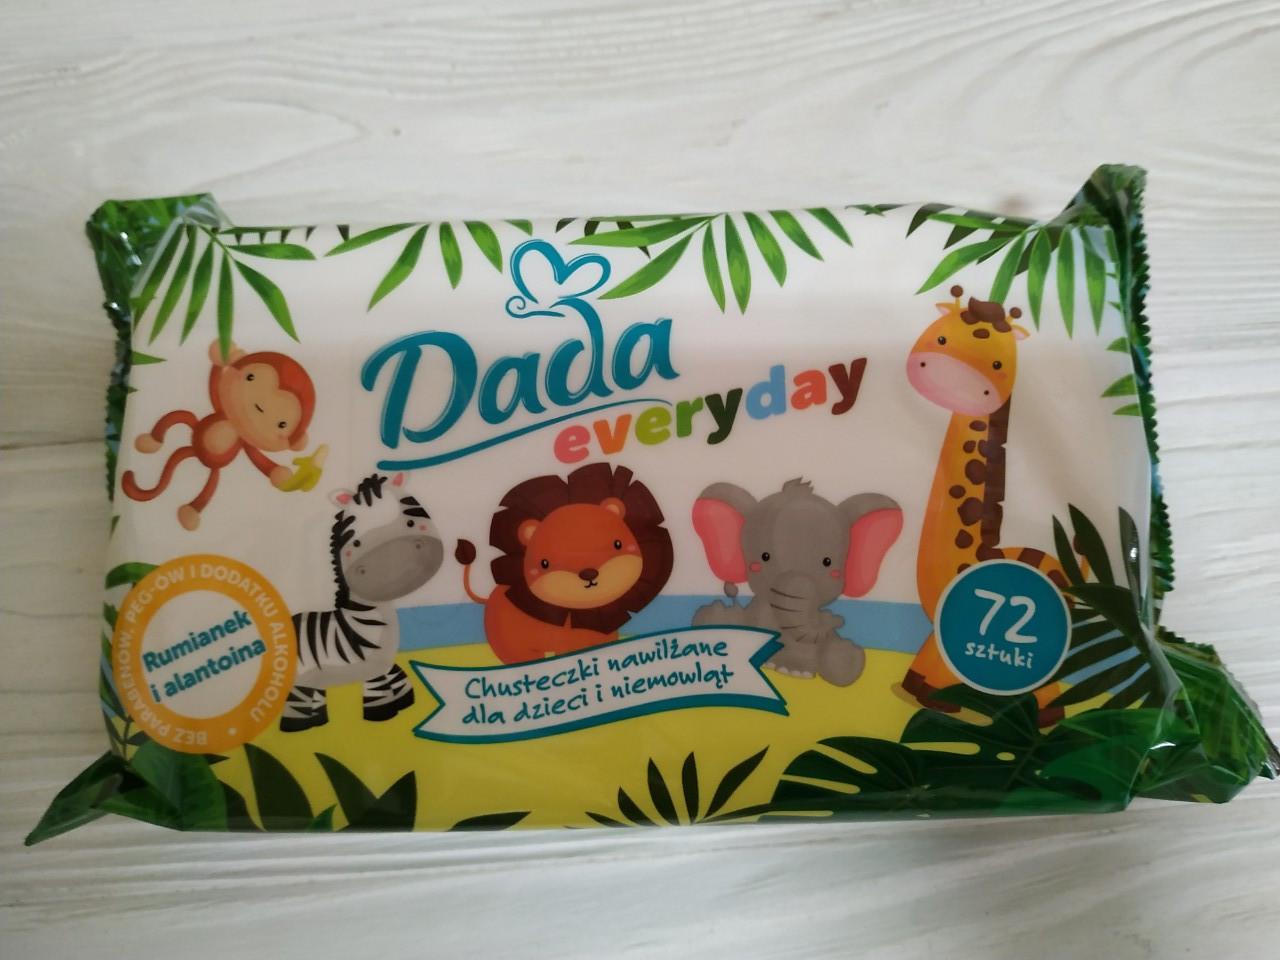 Влажные салфетки Dada Everyday детские, 72 шт, фото 1